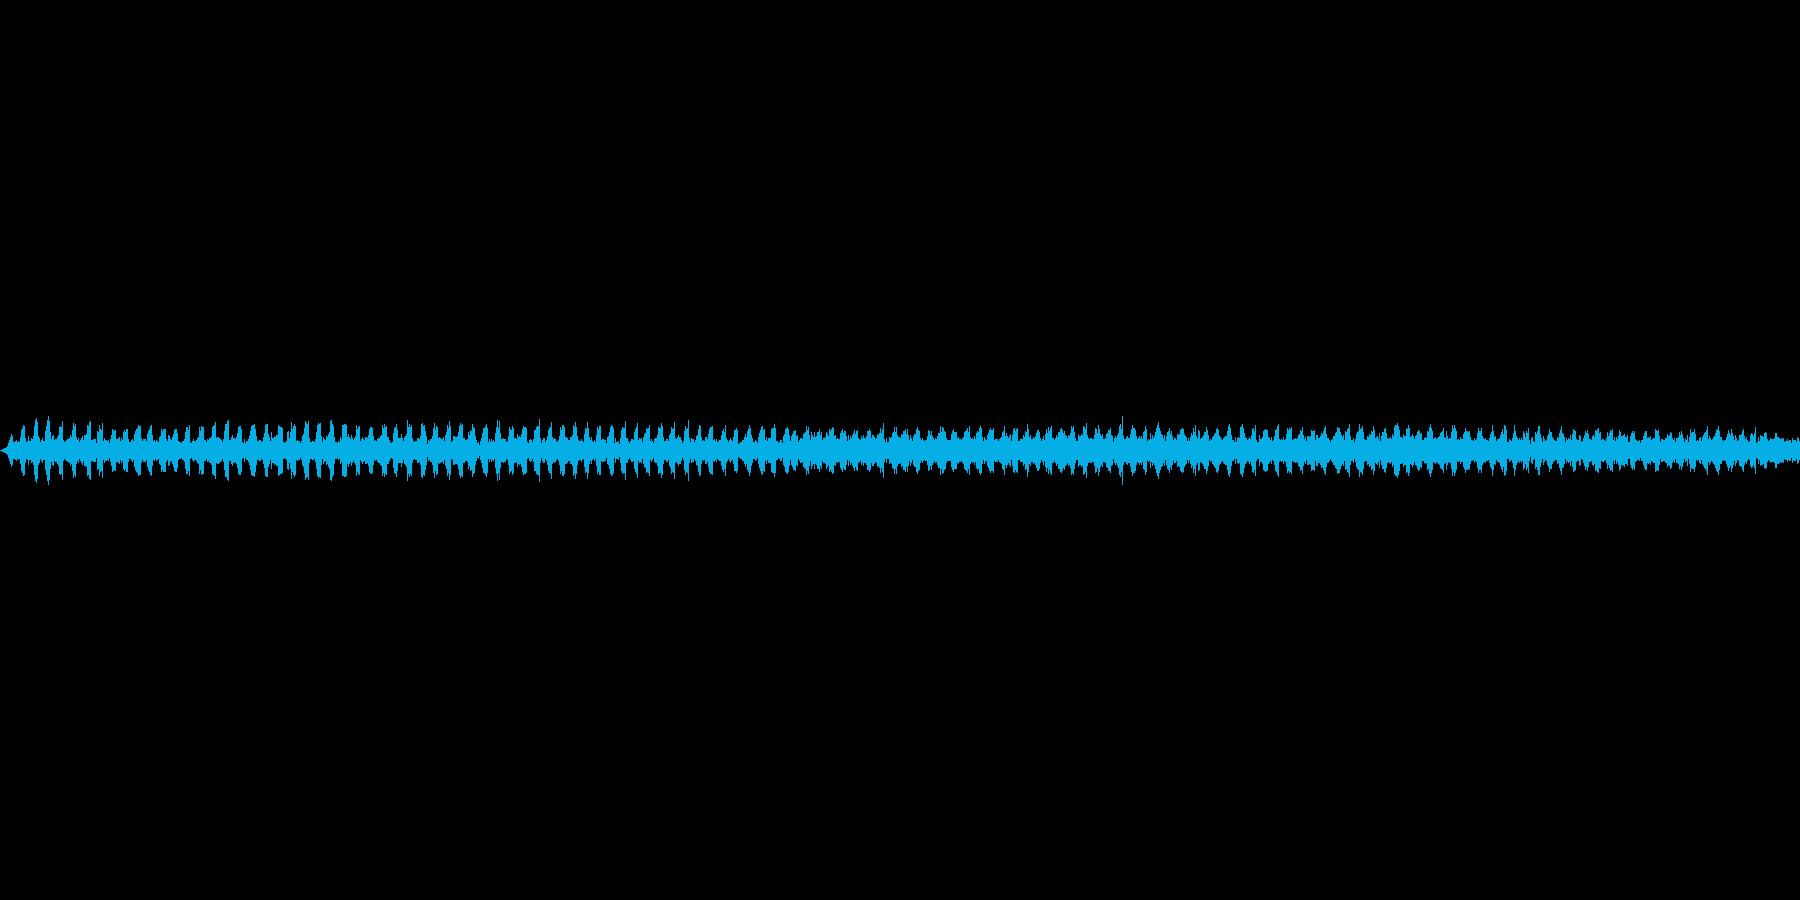 リンリンリンの再生済みの波形